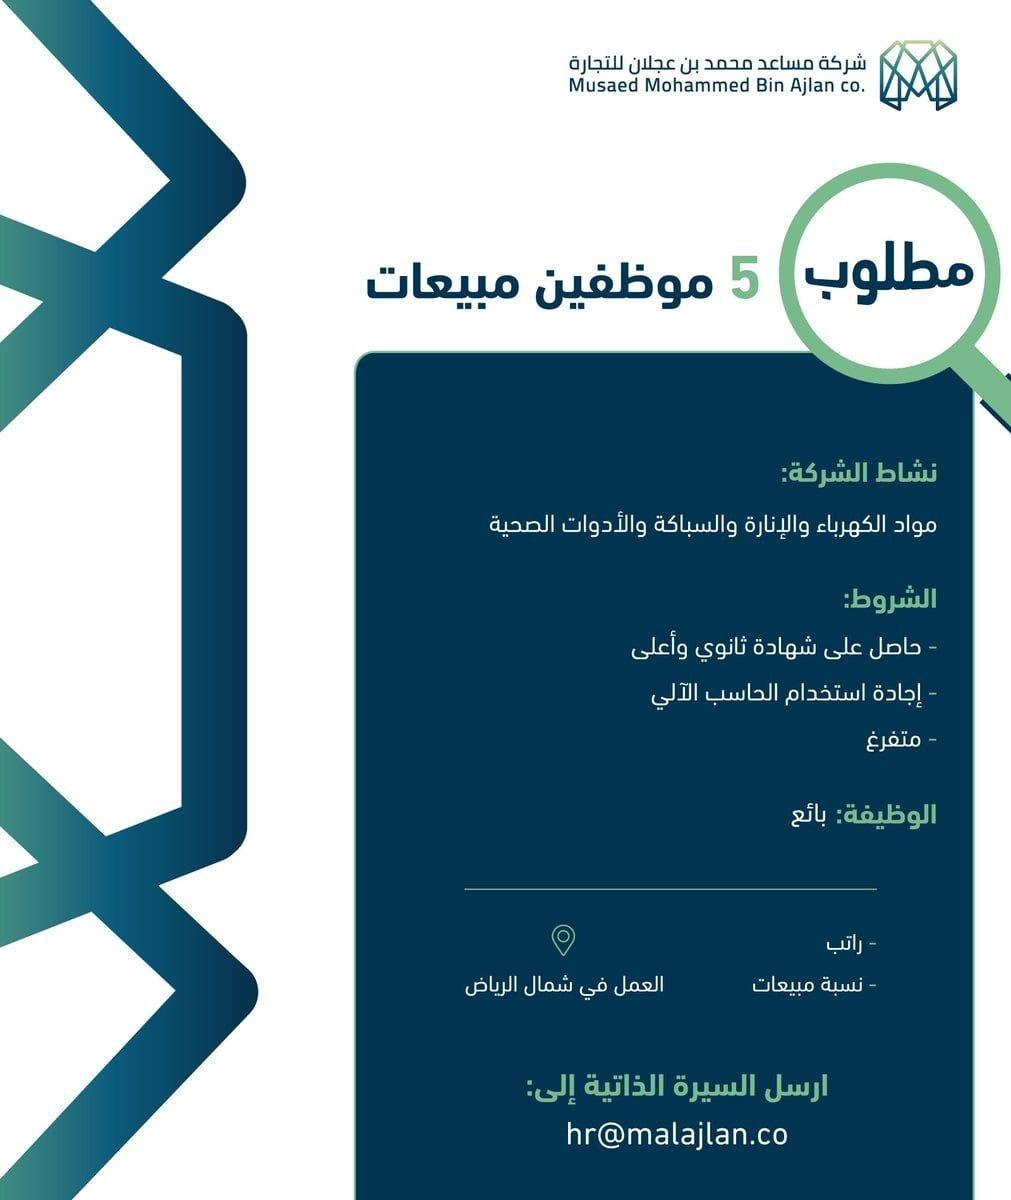 5 وظائف لحملة الثانوية فأعلى بمدينة الرياض لدى شركة مساعد محمد بن عجلان 3